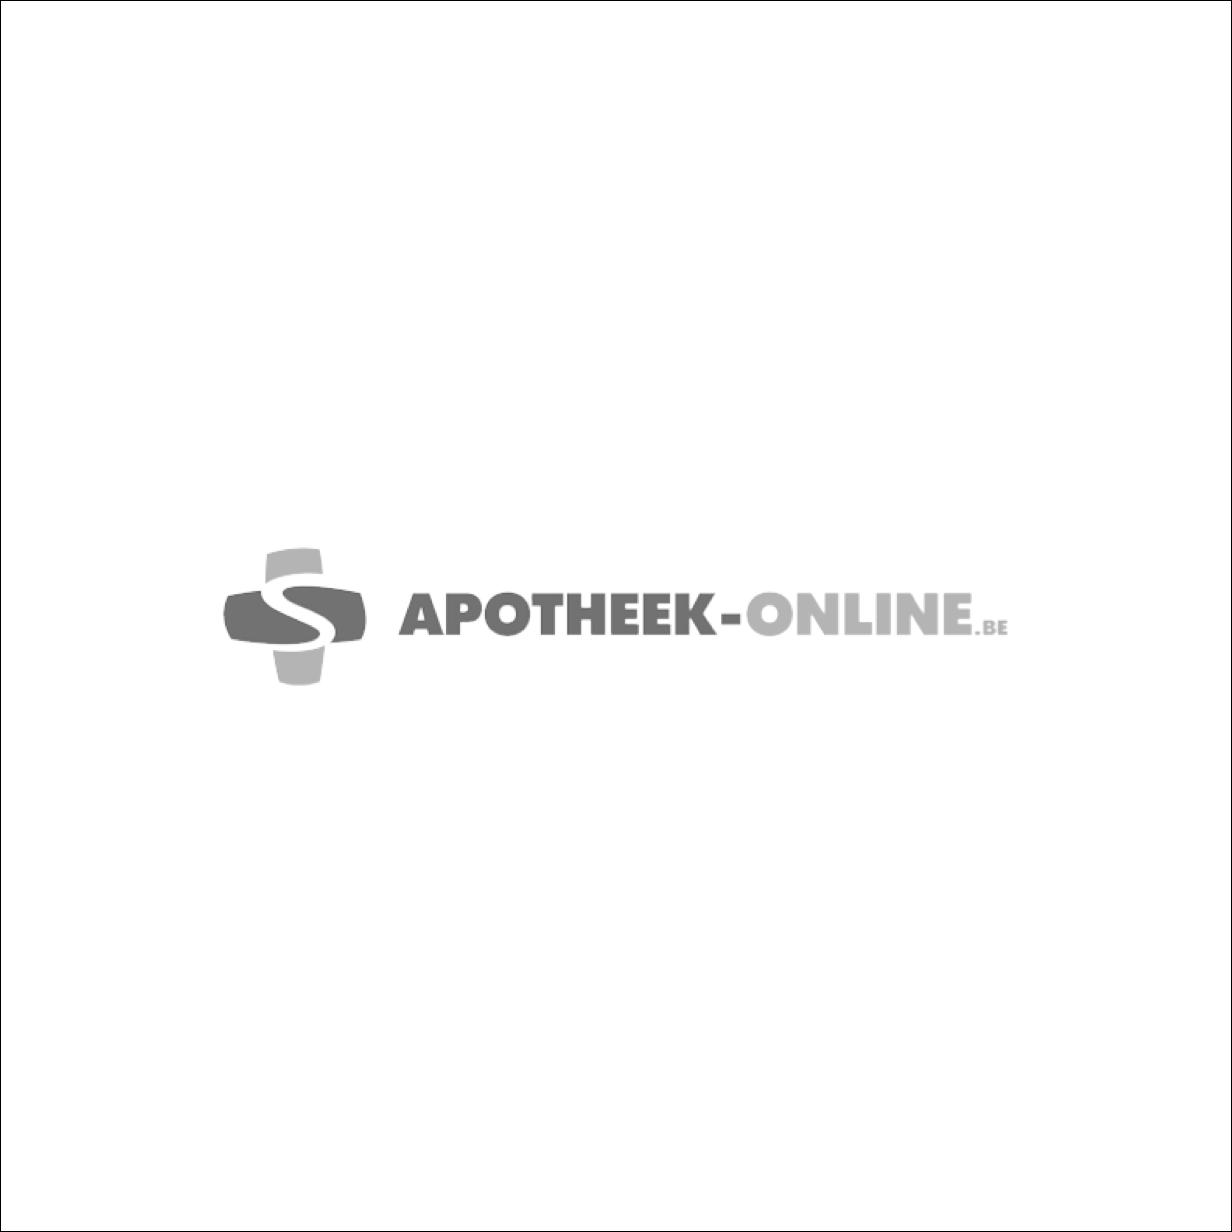 Delphi Creme Derm 1 X 30 G 01